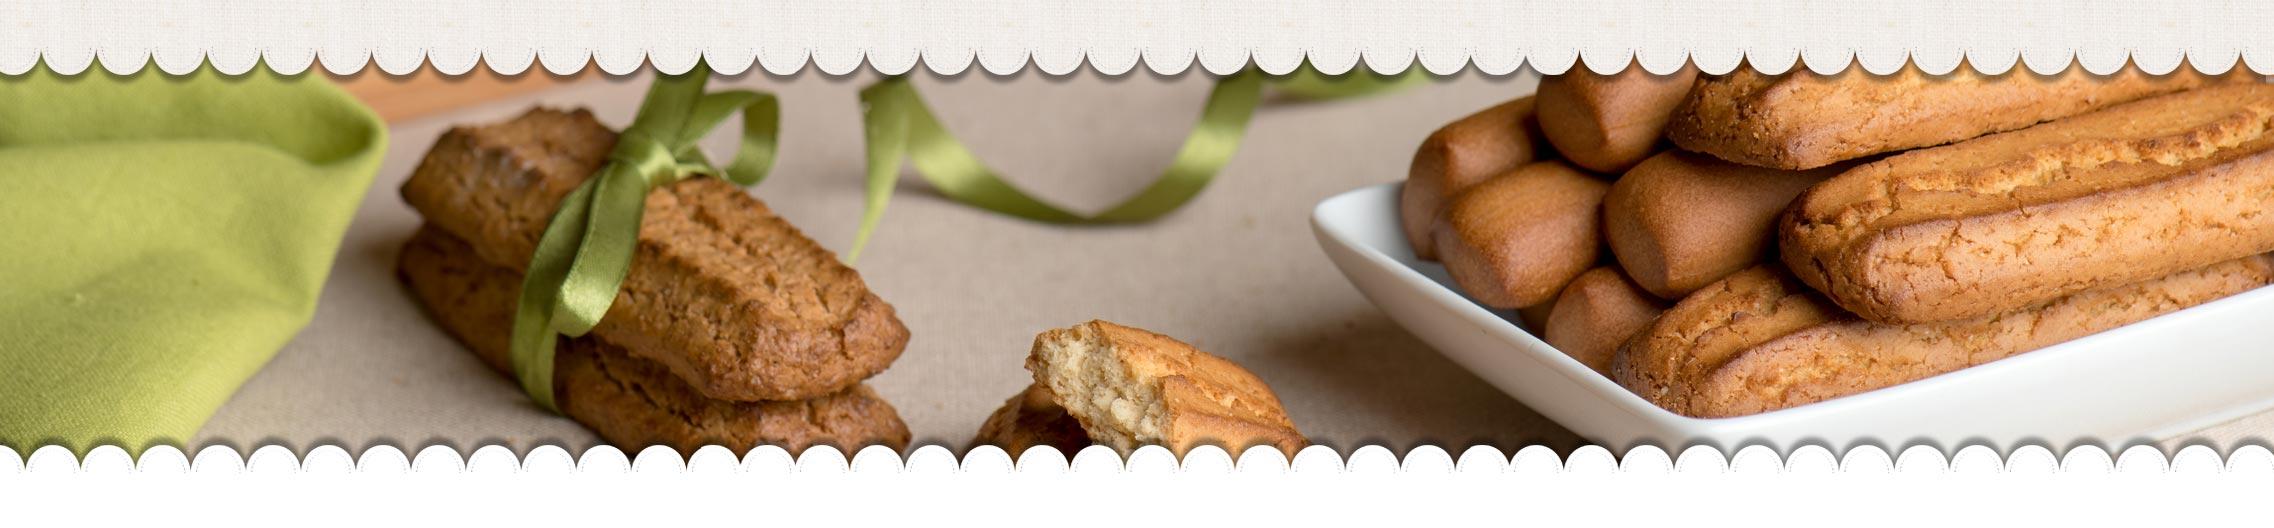 biscotti forti linea bio